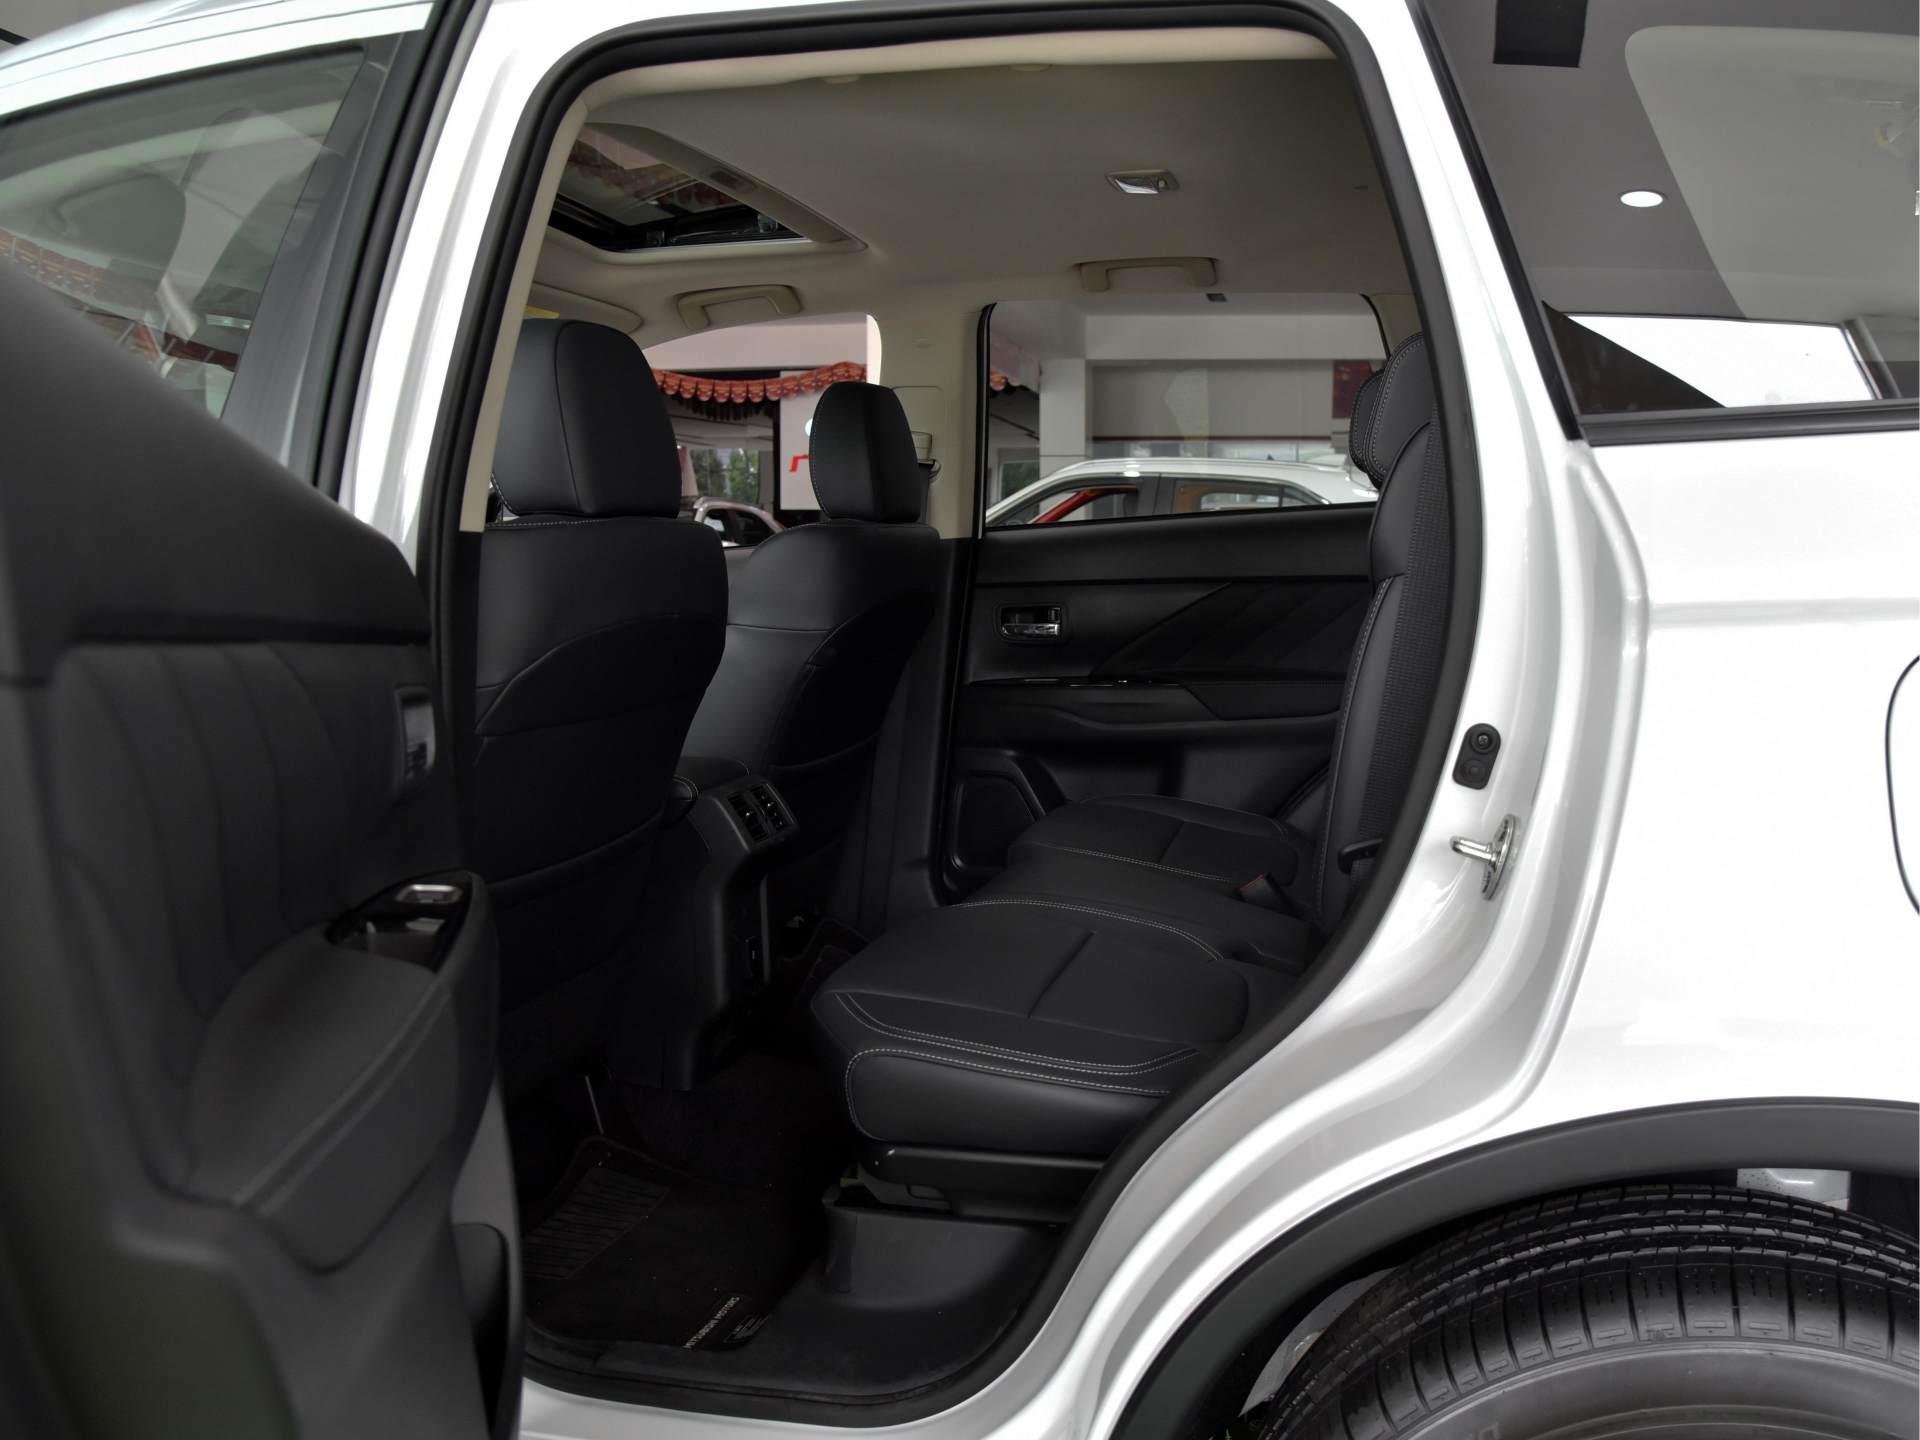 15萬買合資SUV的新選擇,這車比哈弗H6更穩定,比CRV便宜,空間也不小-圖5